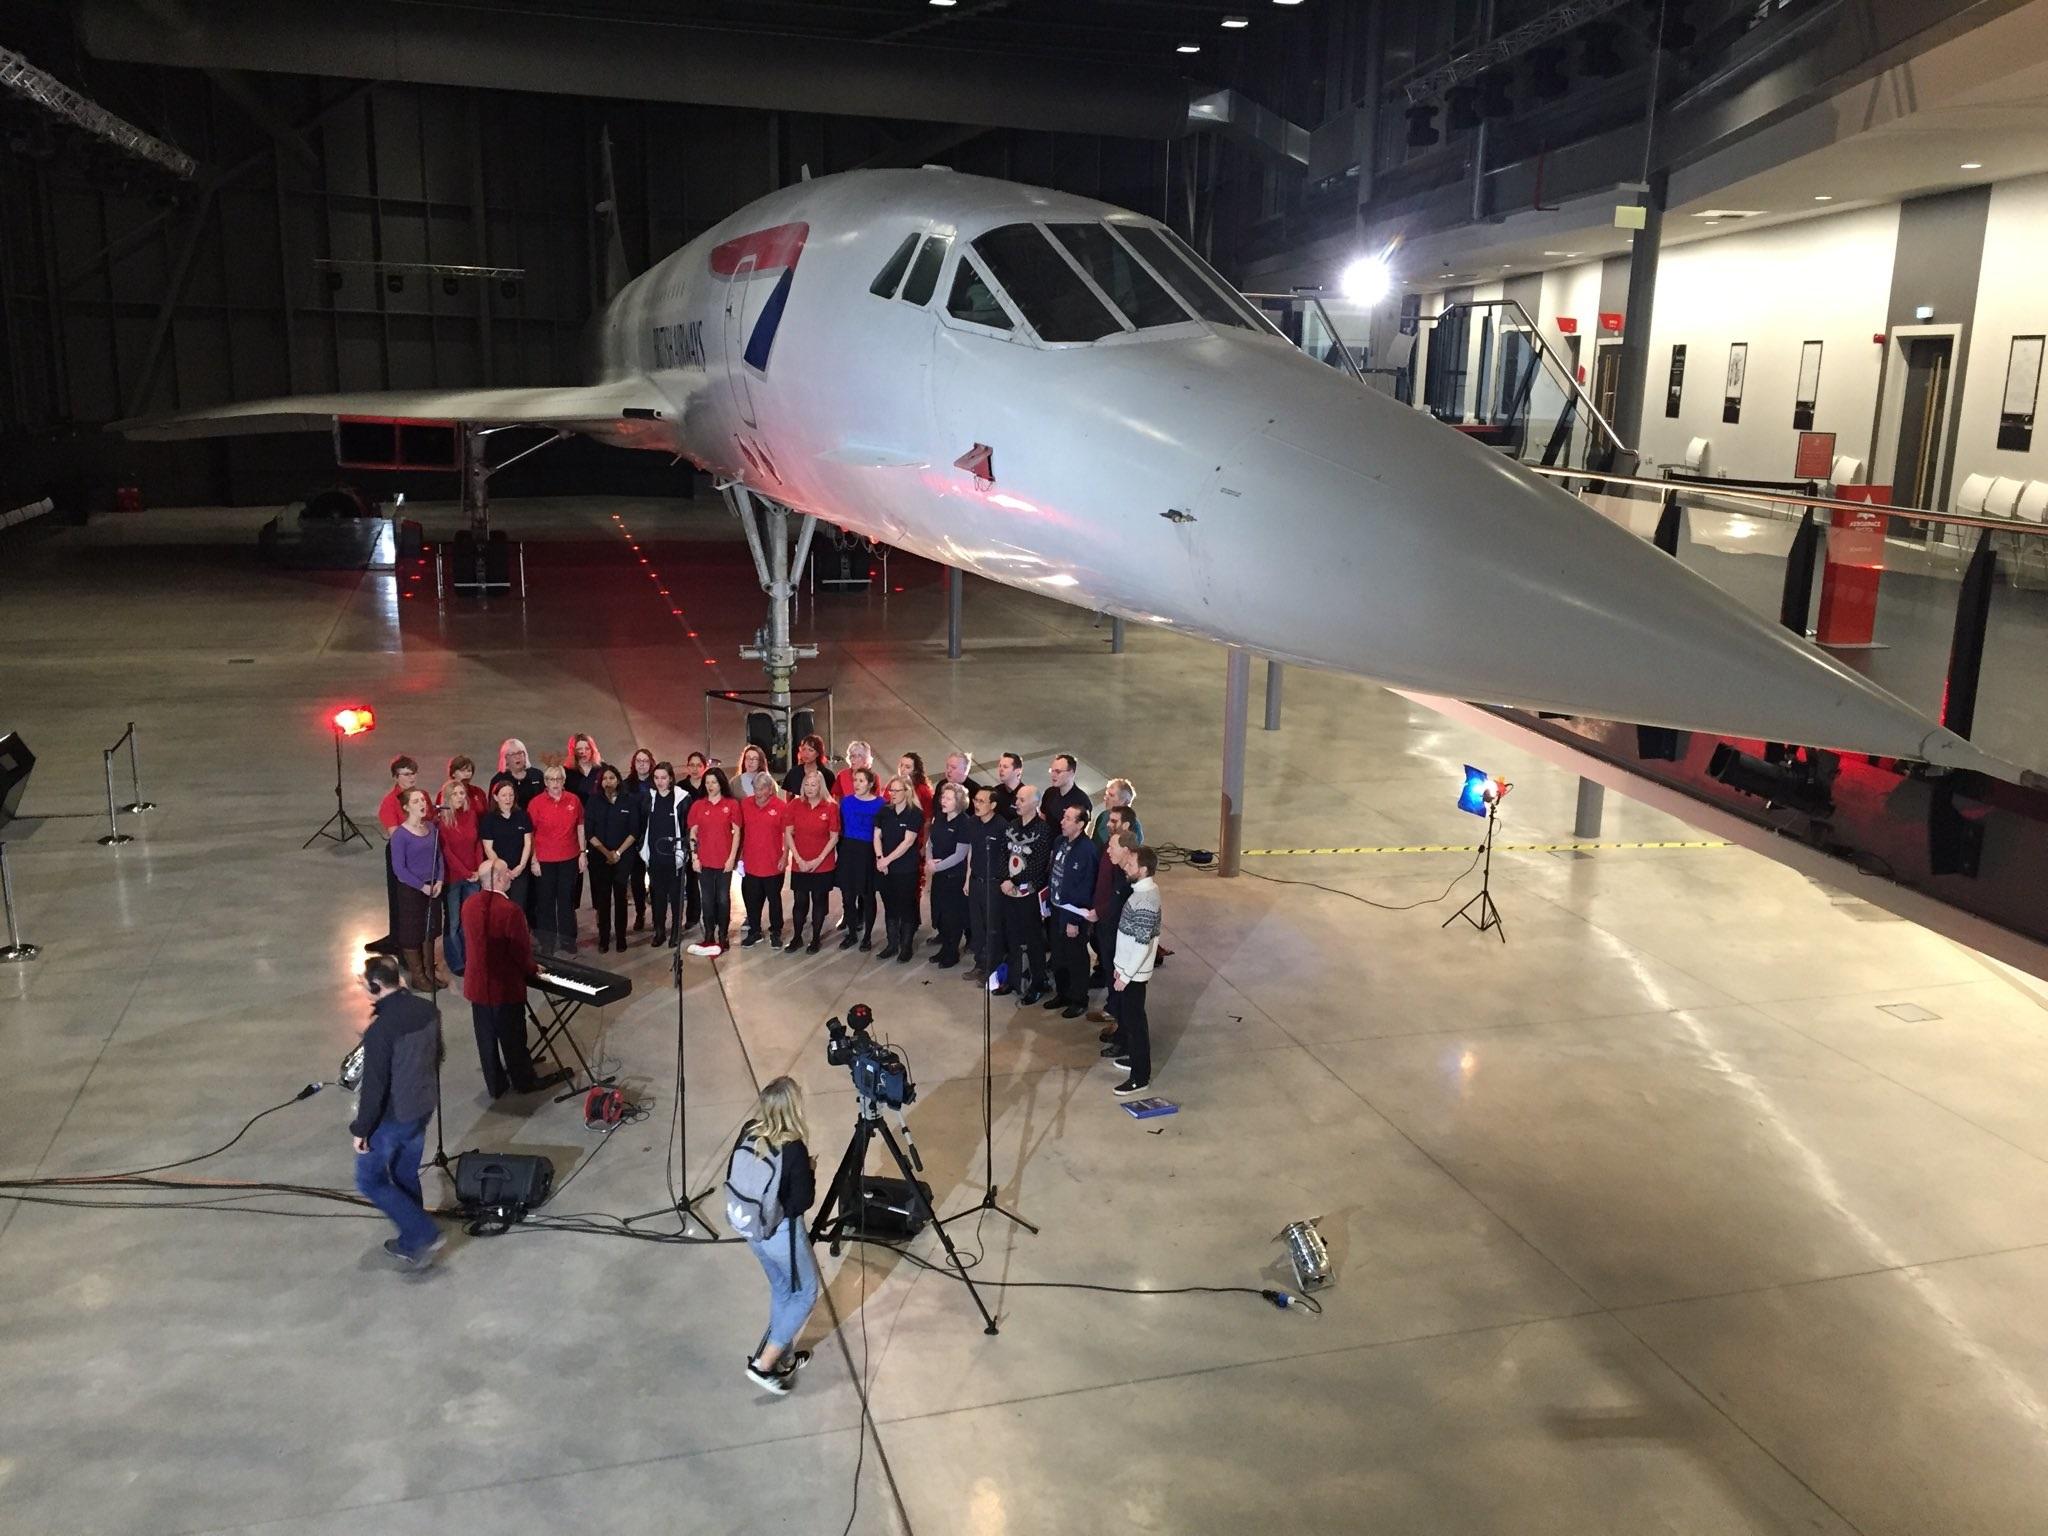 The Airbus choir